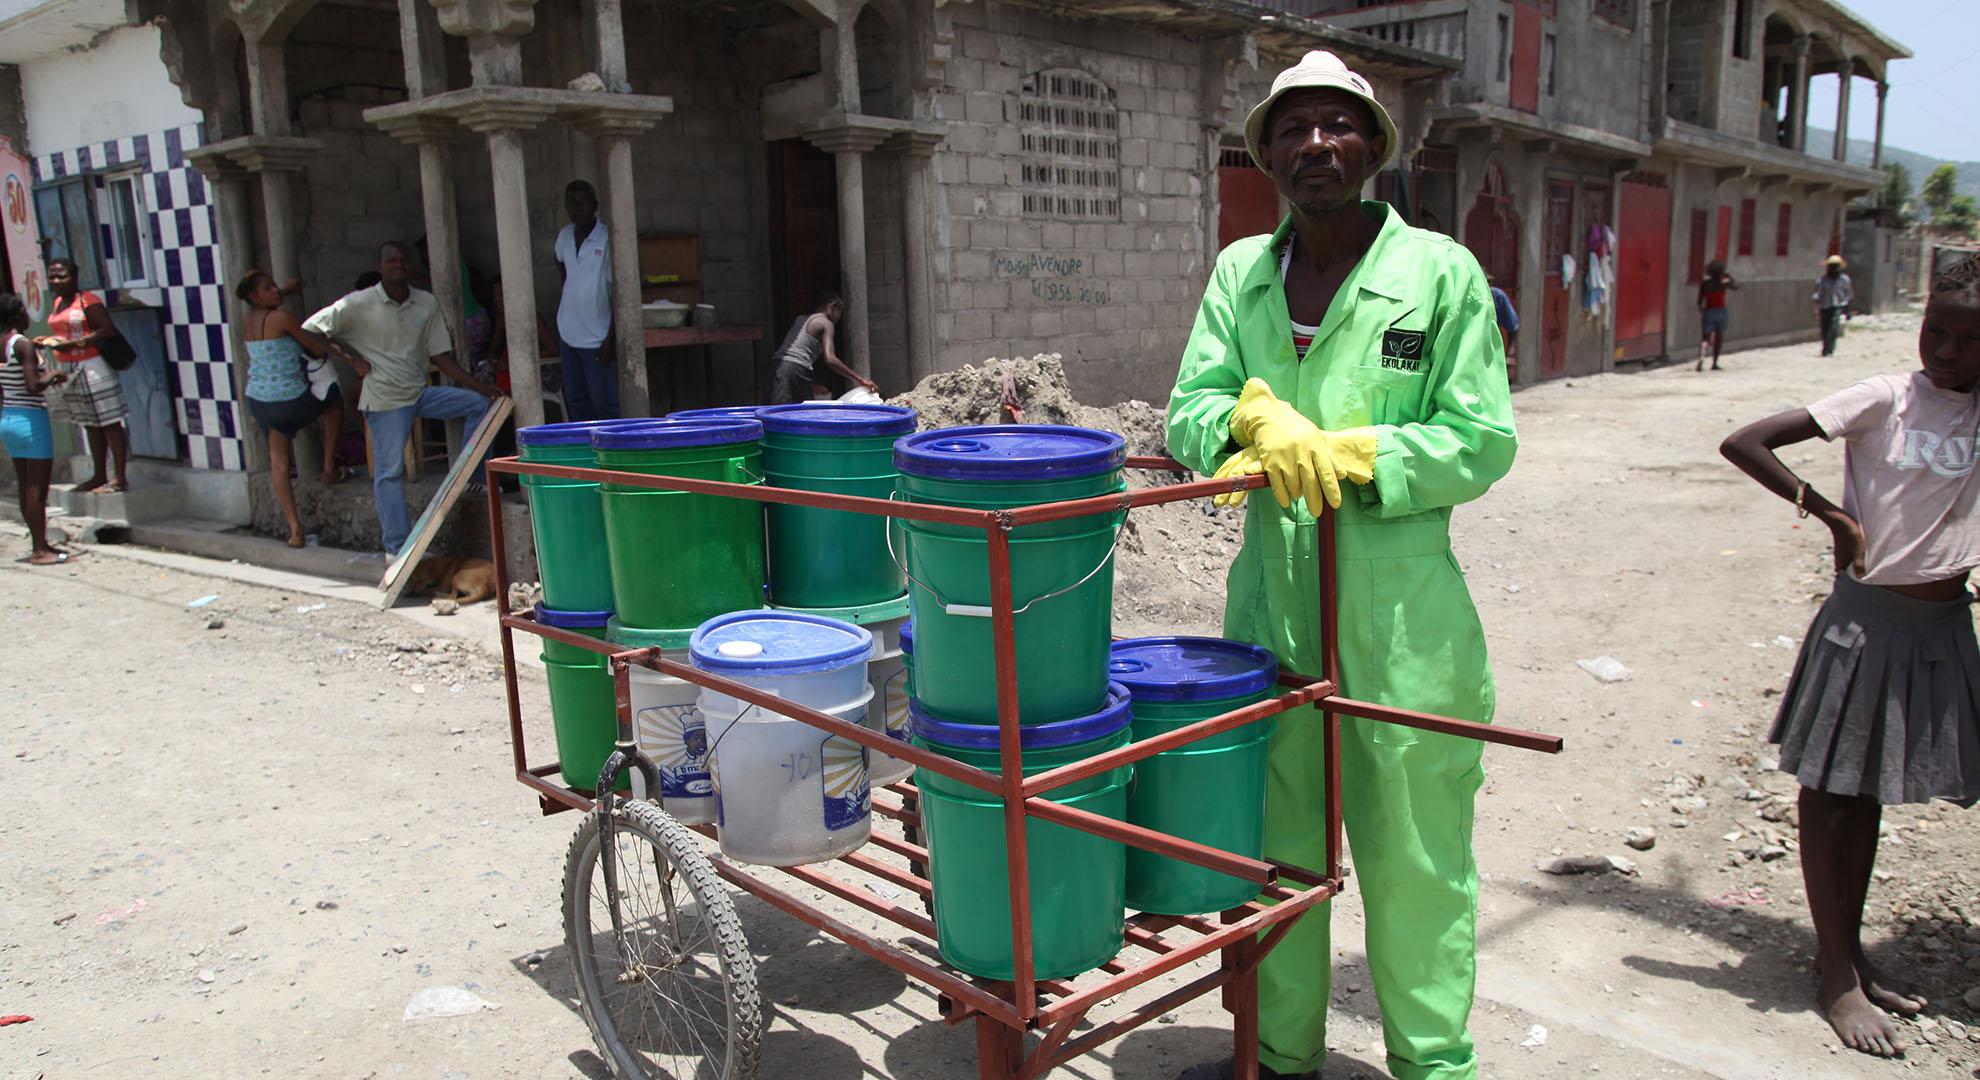 Container collection in Cap Haitien, Haiti